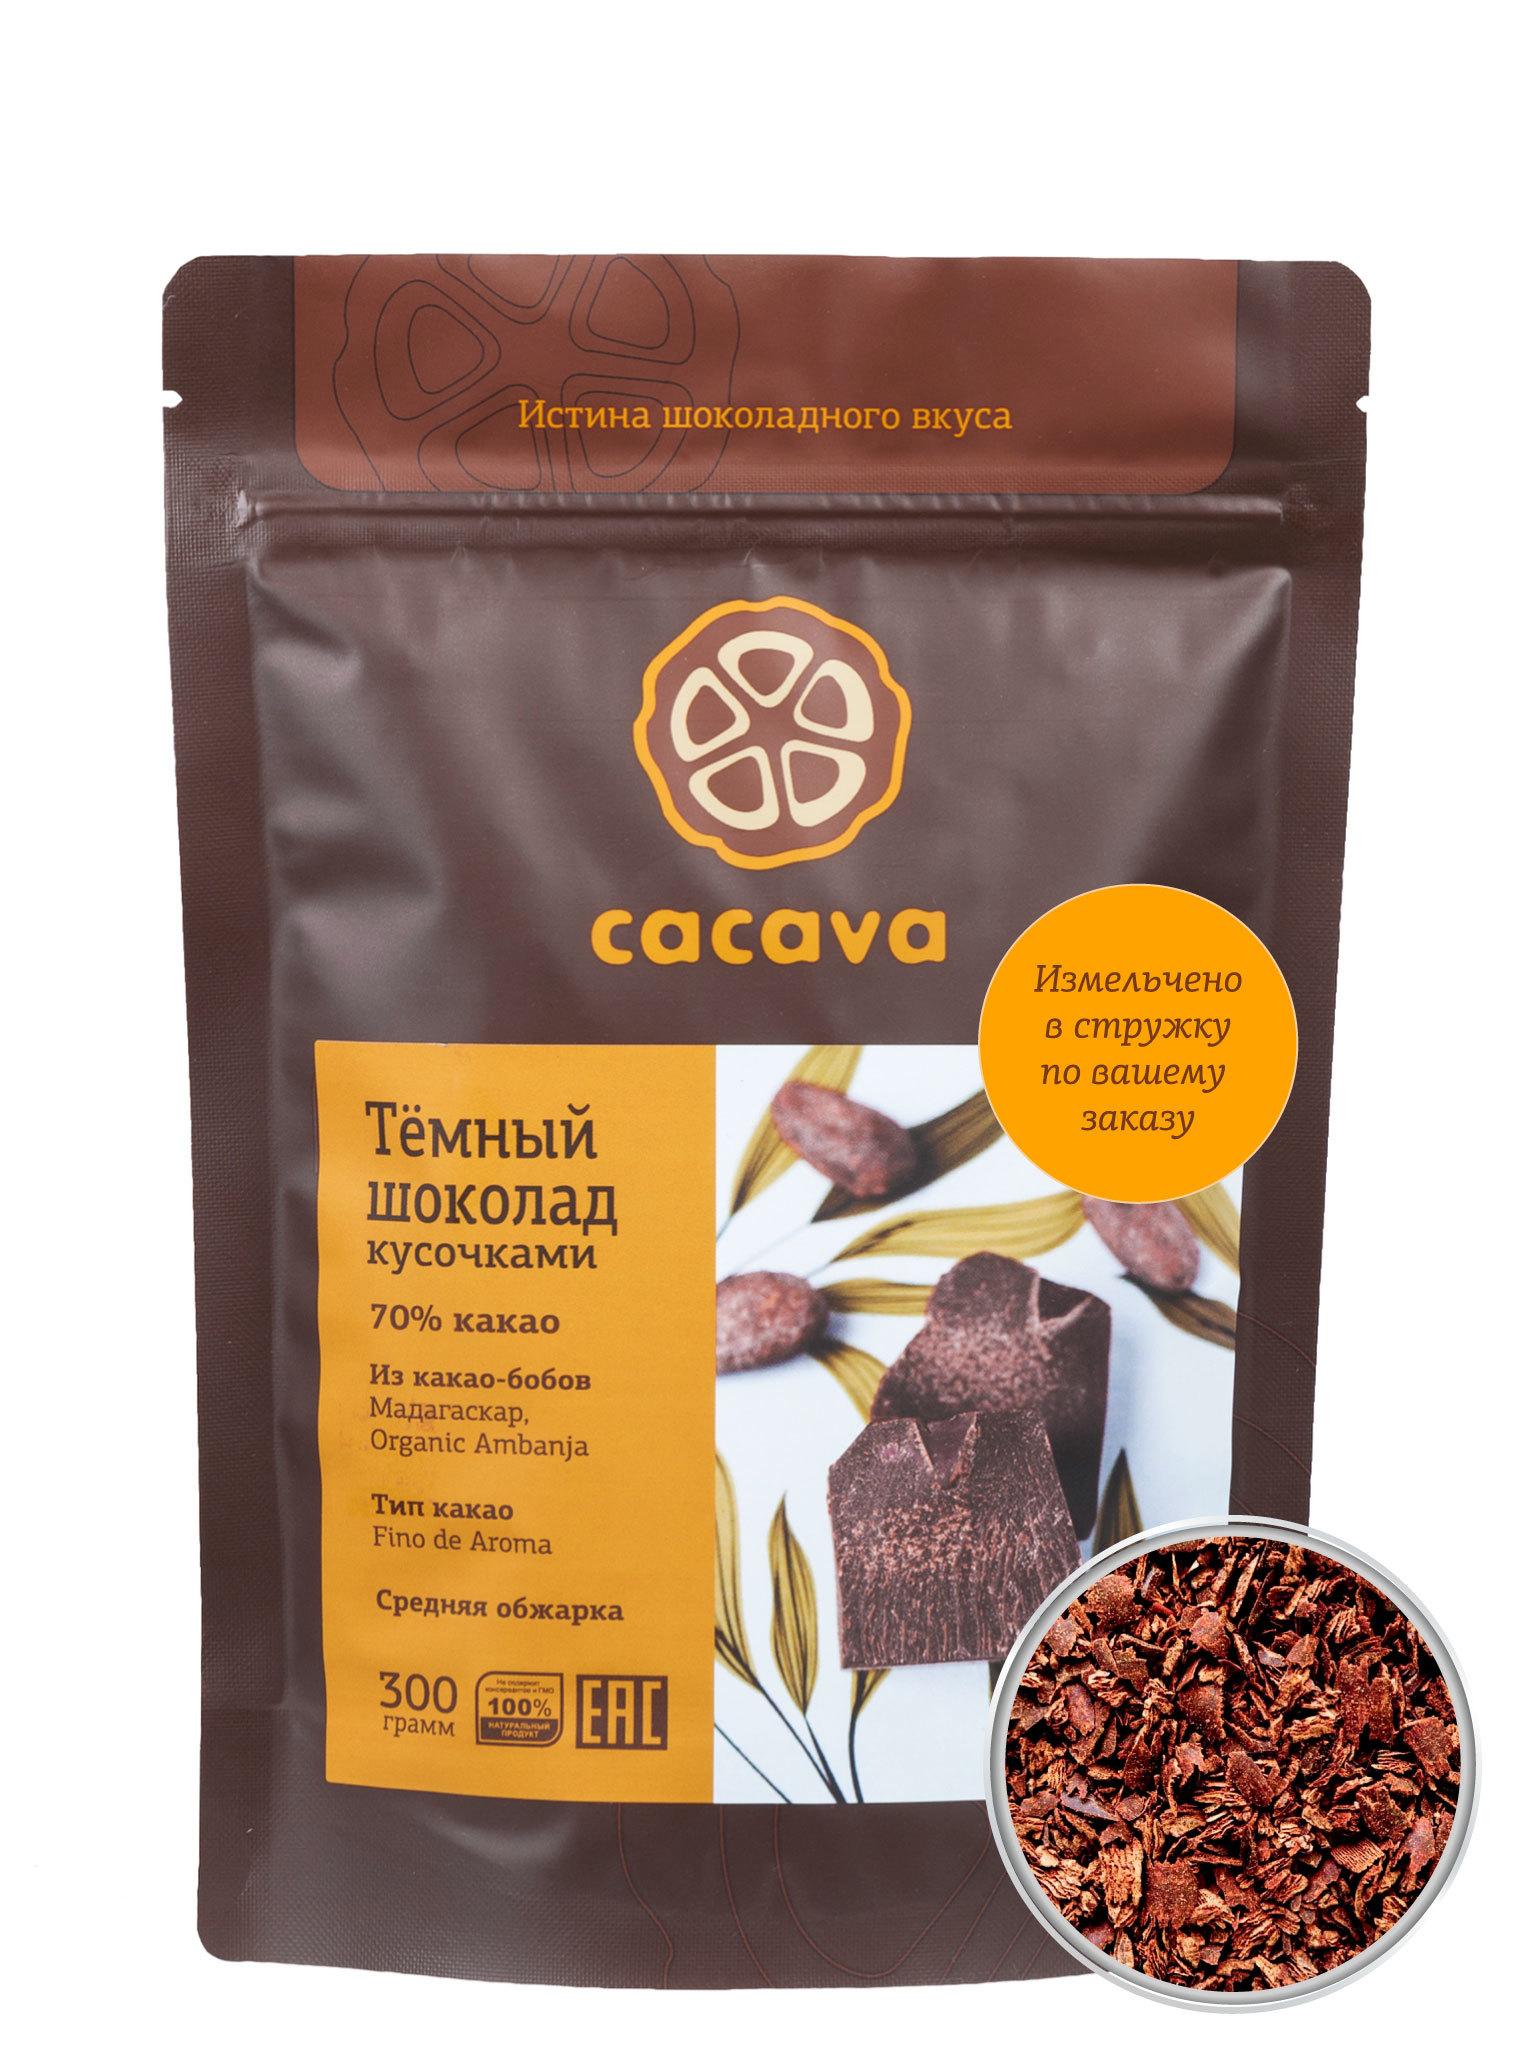 Тёмный шоколад 70 % какао в стружке (Мадагаскар, Organic Ambanja), упаковка 300 грамм